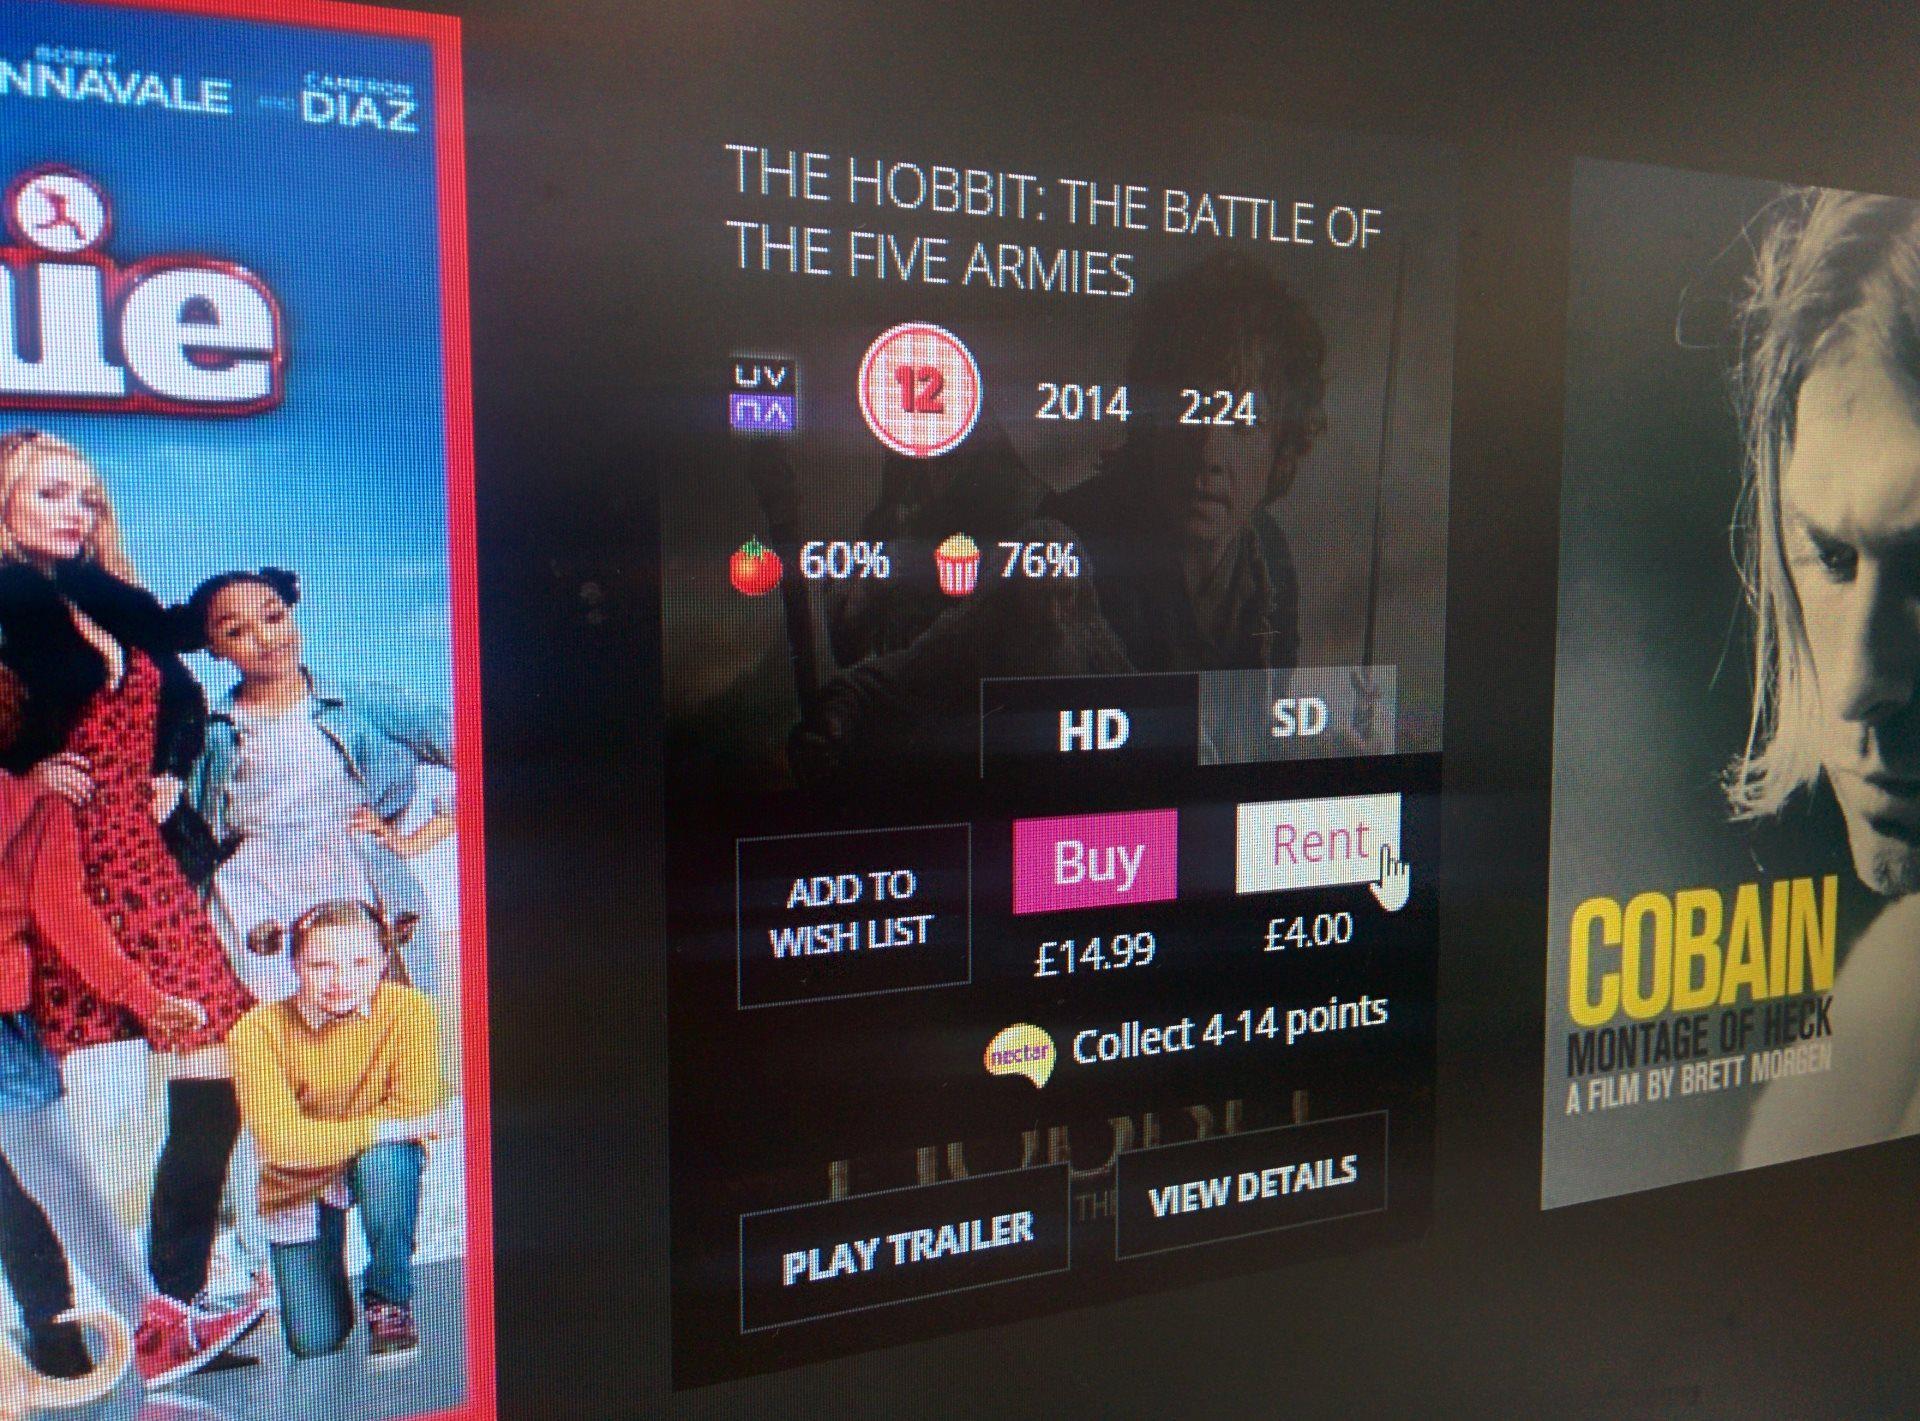 Kako strujati filmove za manje? Krenite prema Sainsbury's - sada uz Chromecast